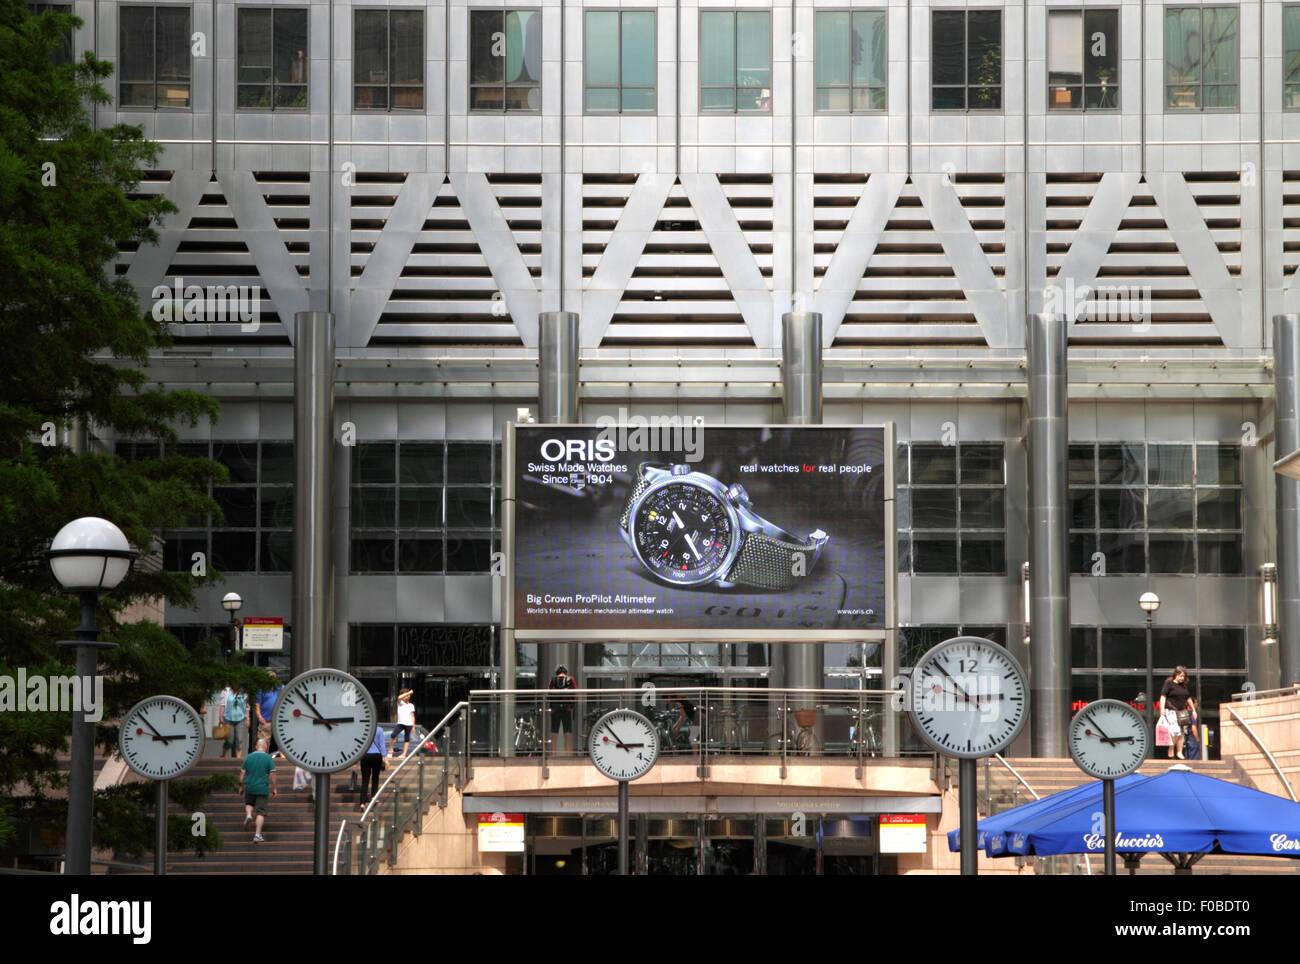 Clocks at Reuters Plaza at Canary Wharf London - Stock Image